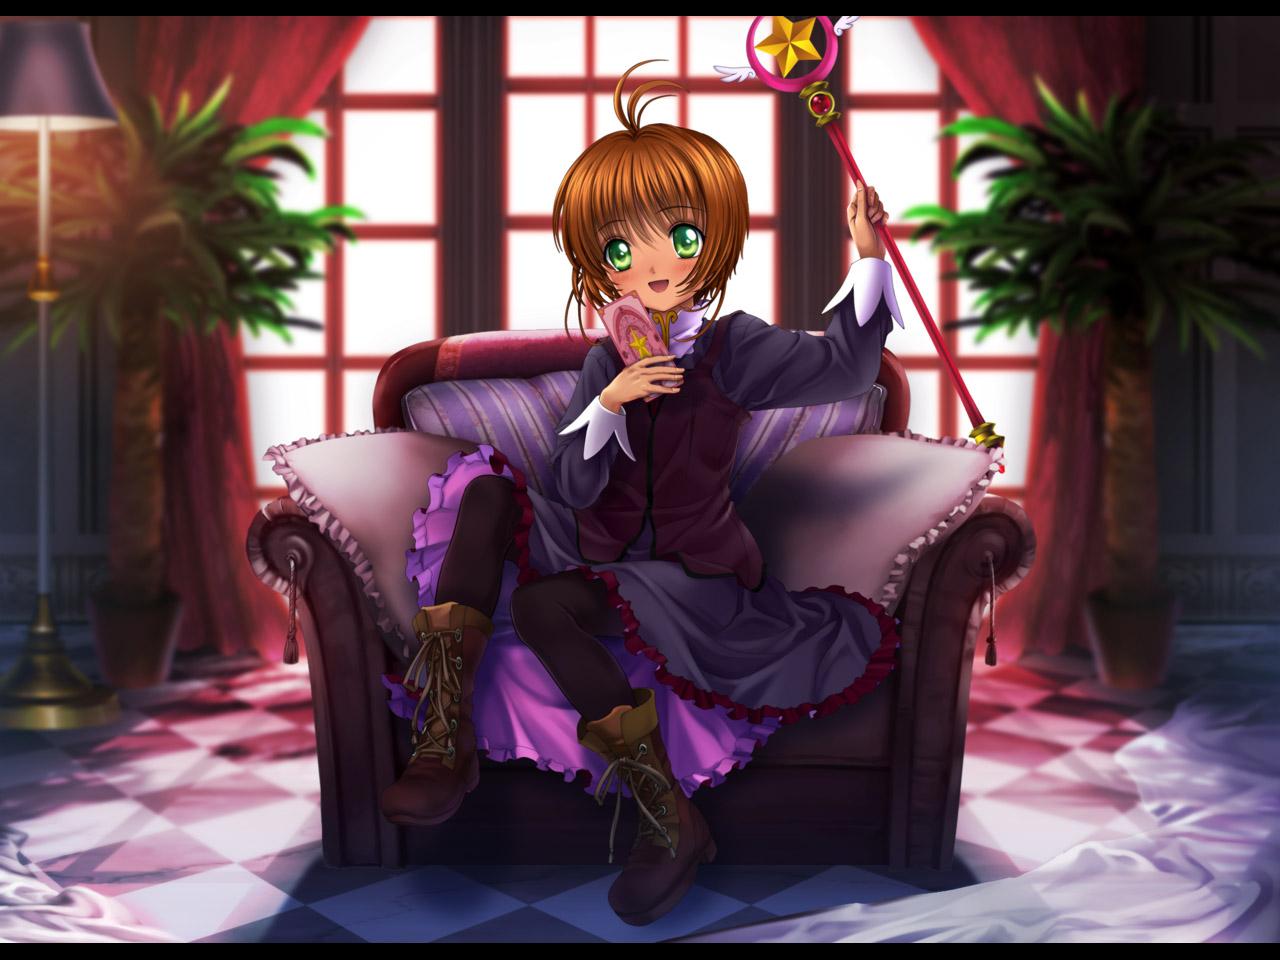 -card_captor_sakura-green_eyes-kinomoto_sakura-moonknives-ribbons.jpg